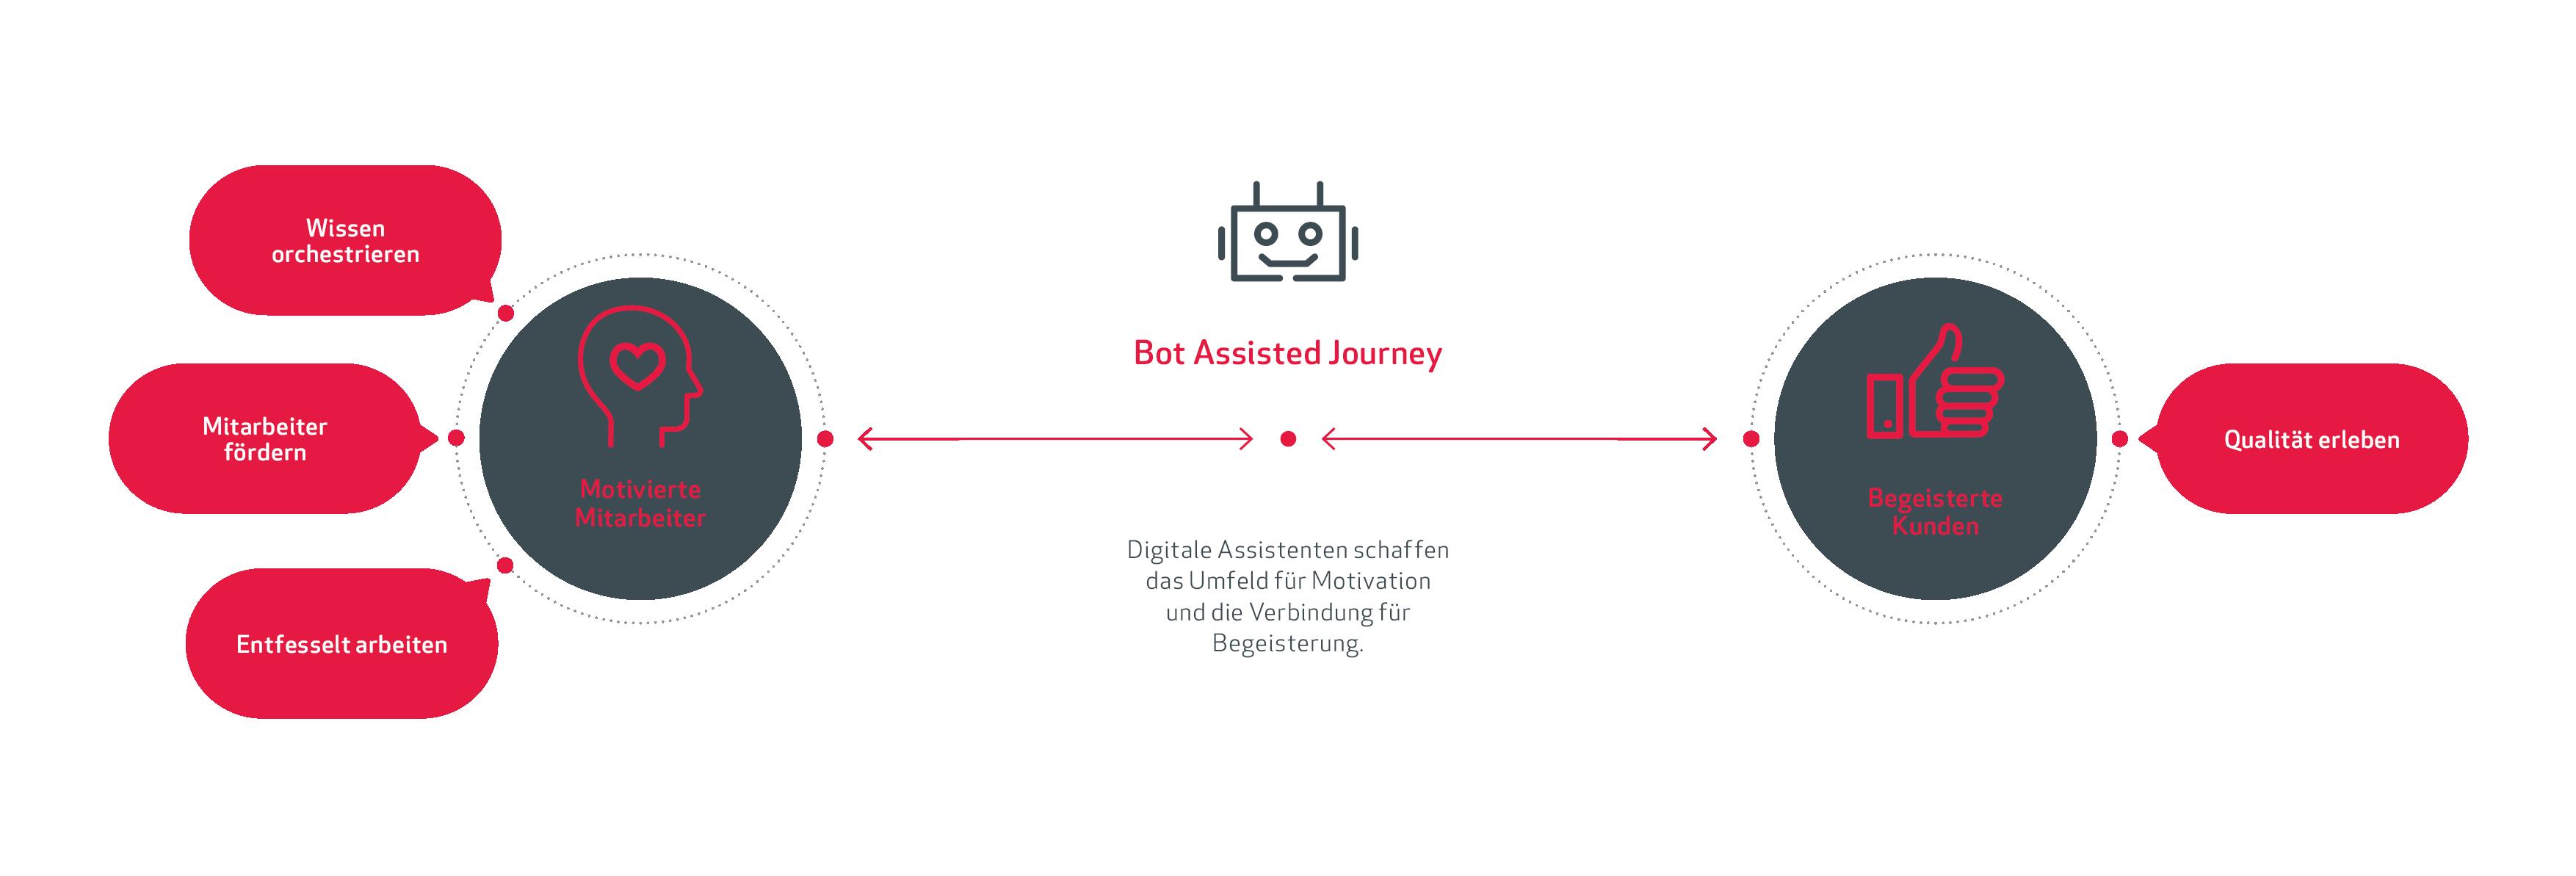 Umfeld für Motivation und Begeisterung - Bot Assisted Journey